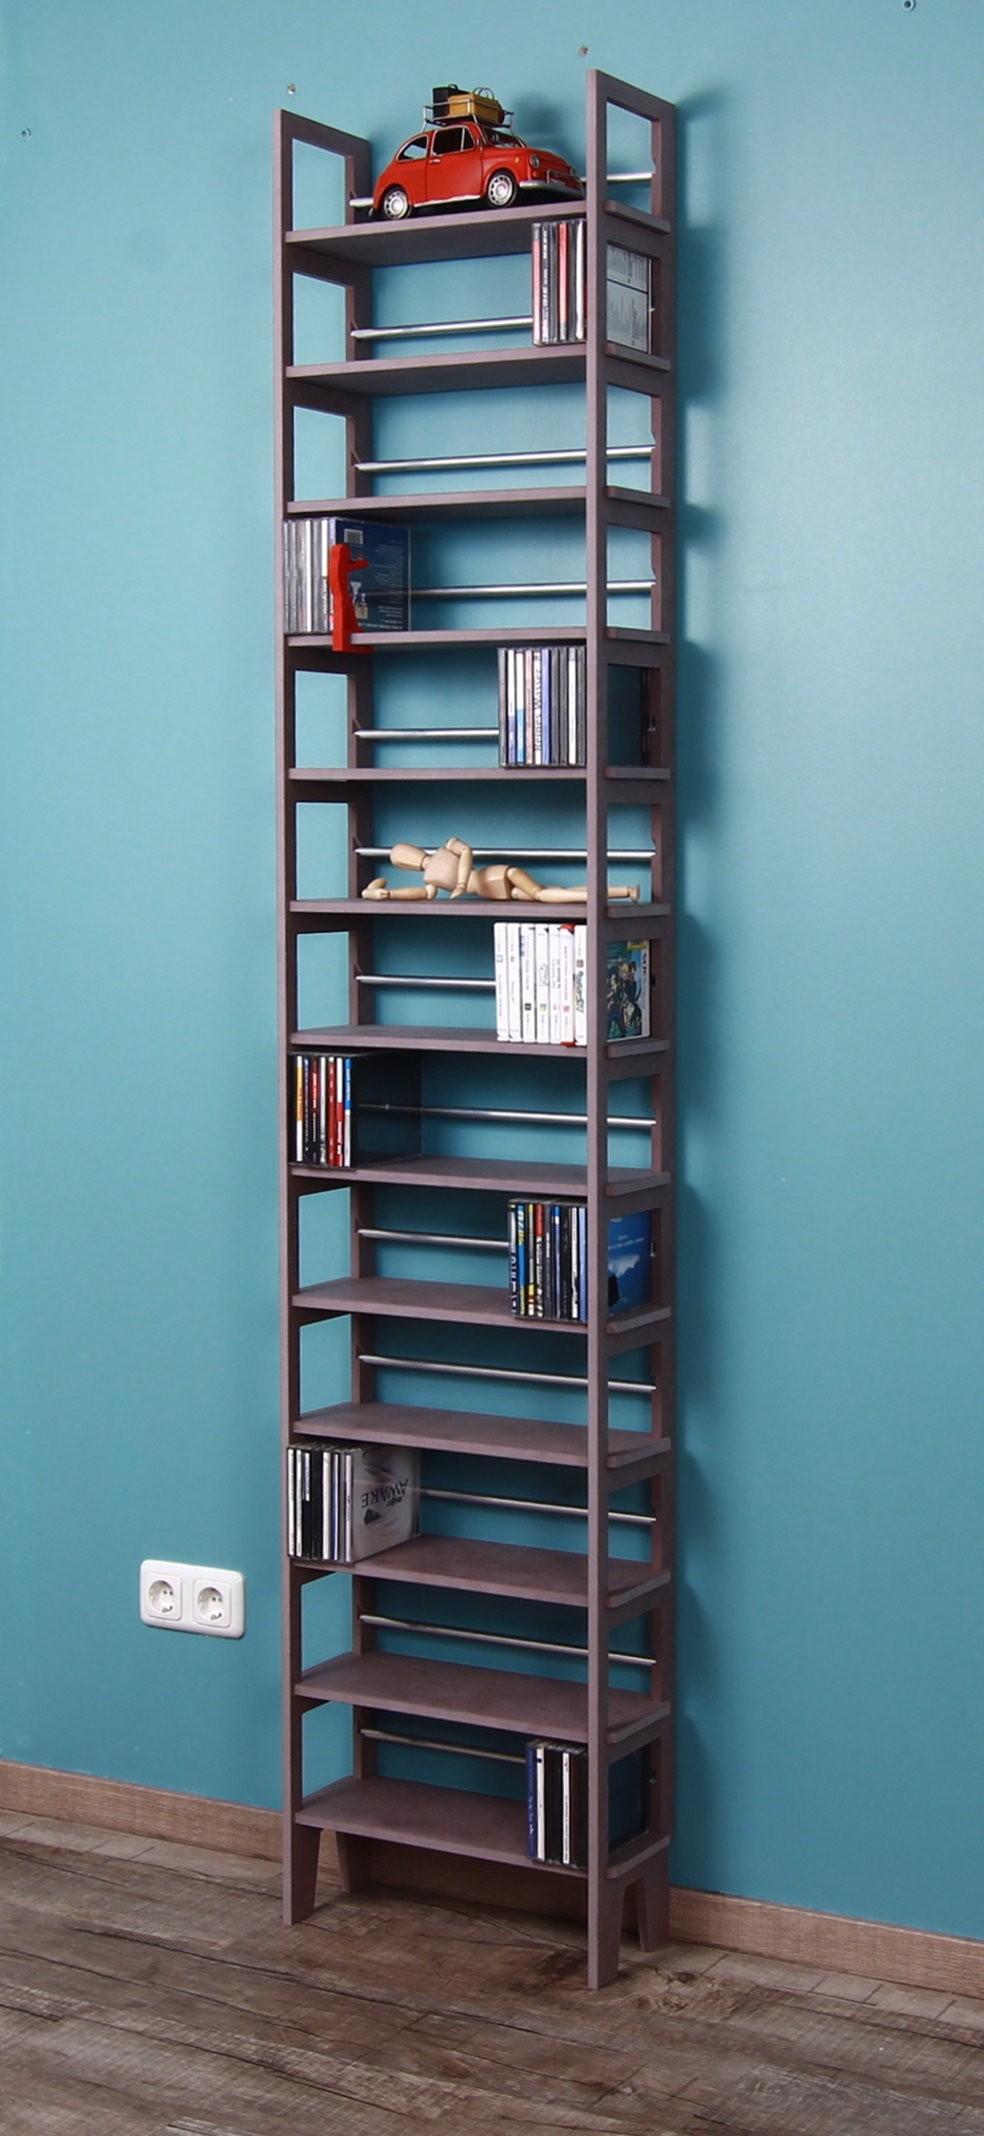 graues cd standregal 2 meter hoch. Black Bedroom Furniture Sets. Home Design Ideas